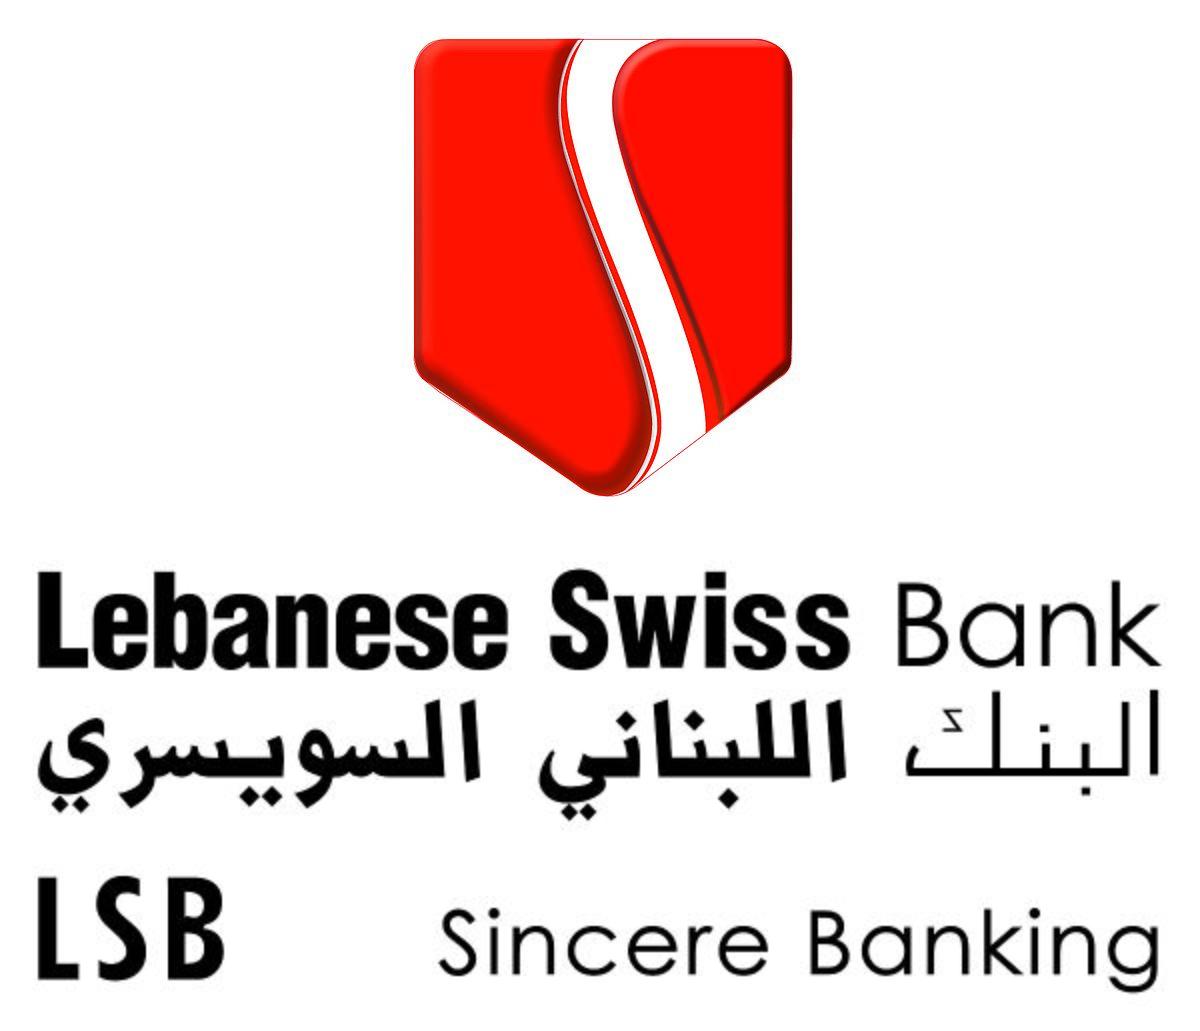 Lebanese swiss bank wikipedia buycottarizona Image collections